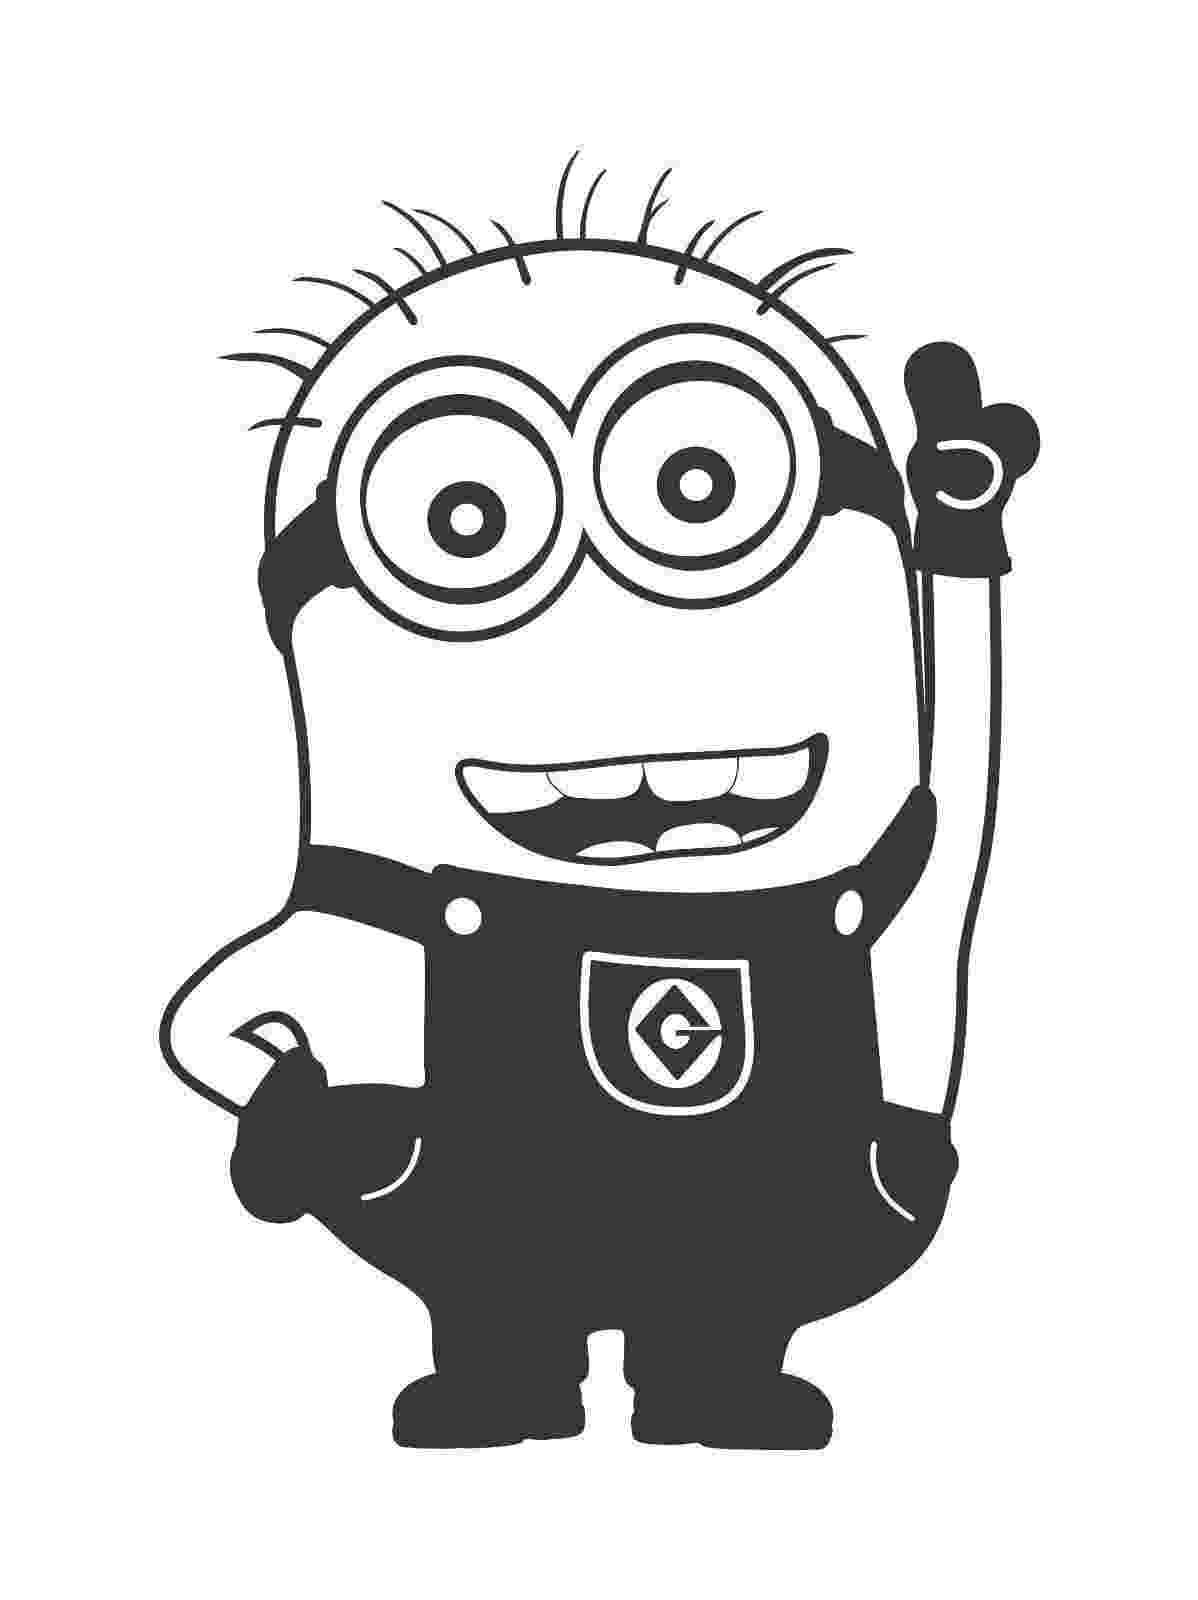 minions black and white minion clipart black and white google search bl minions black and white